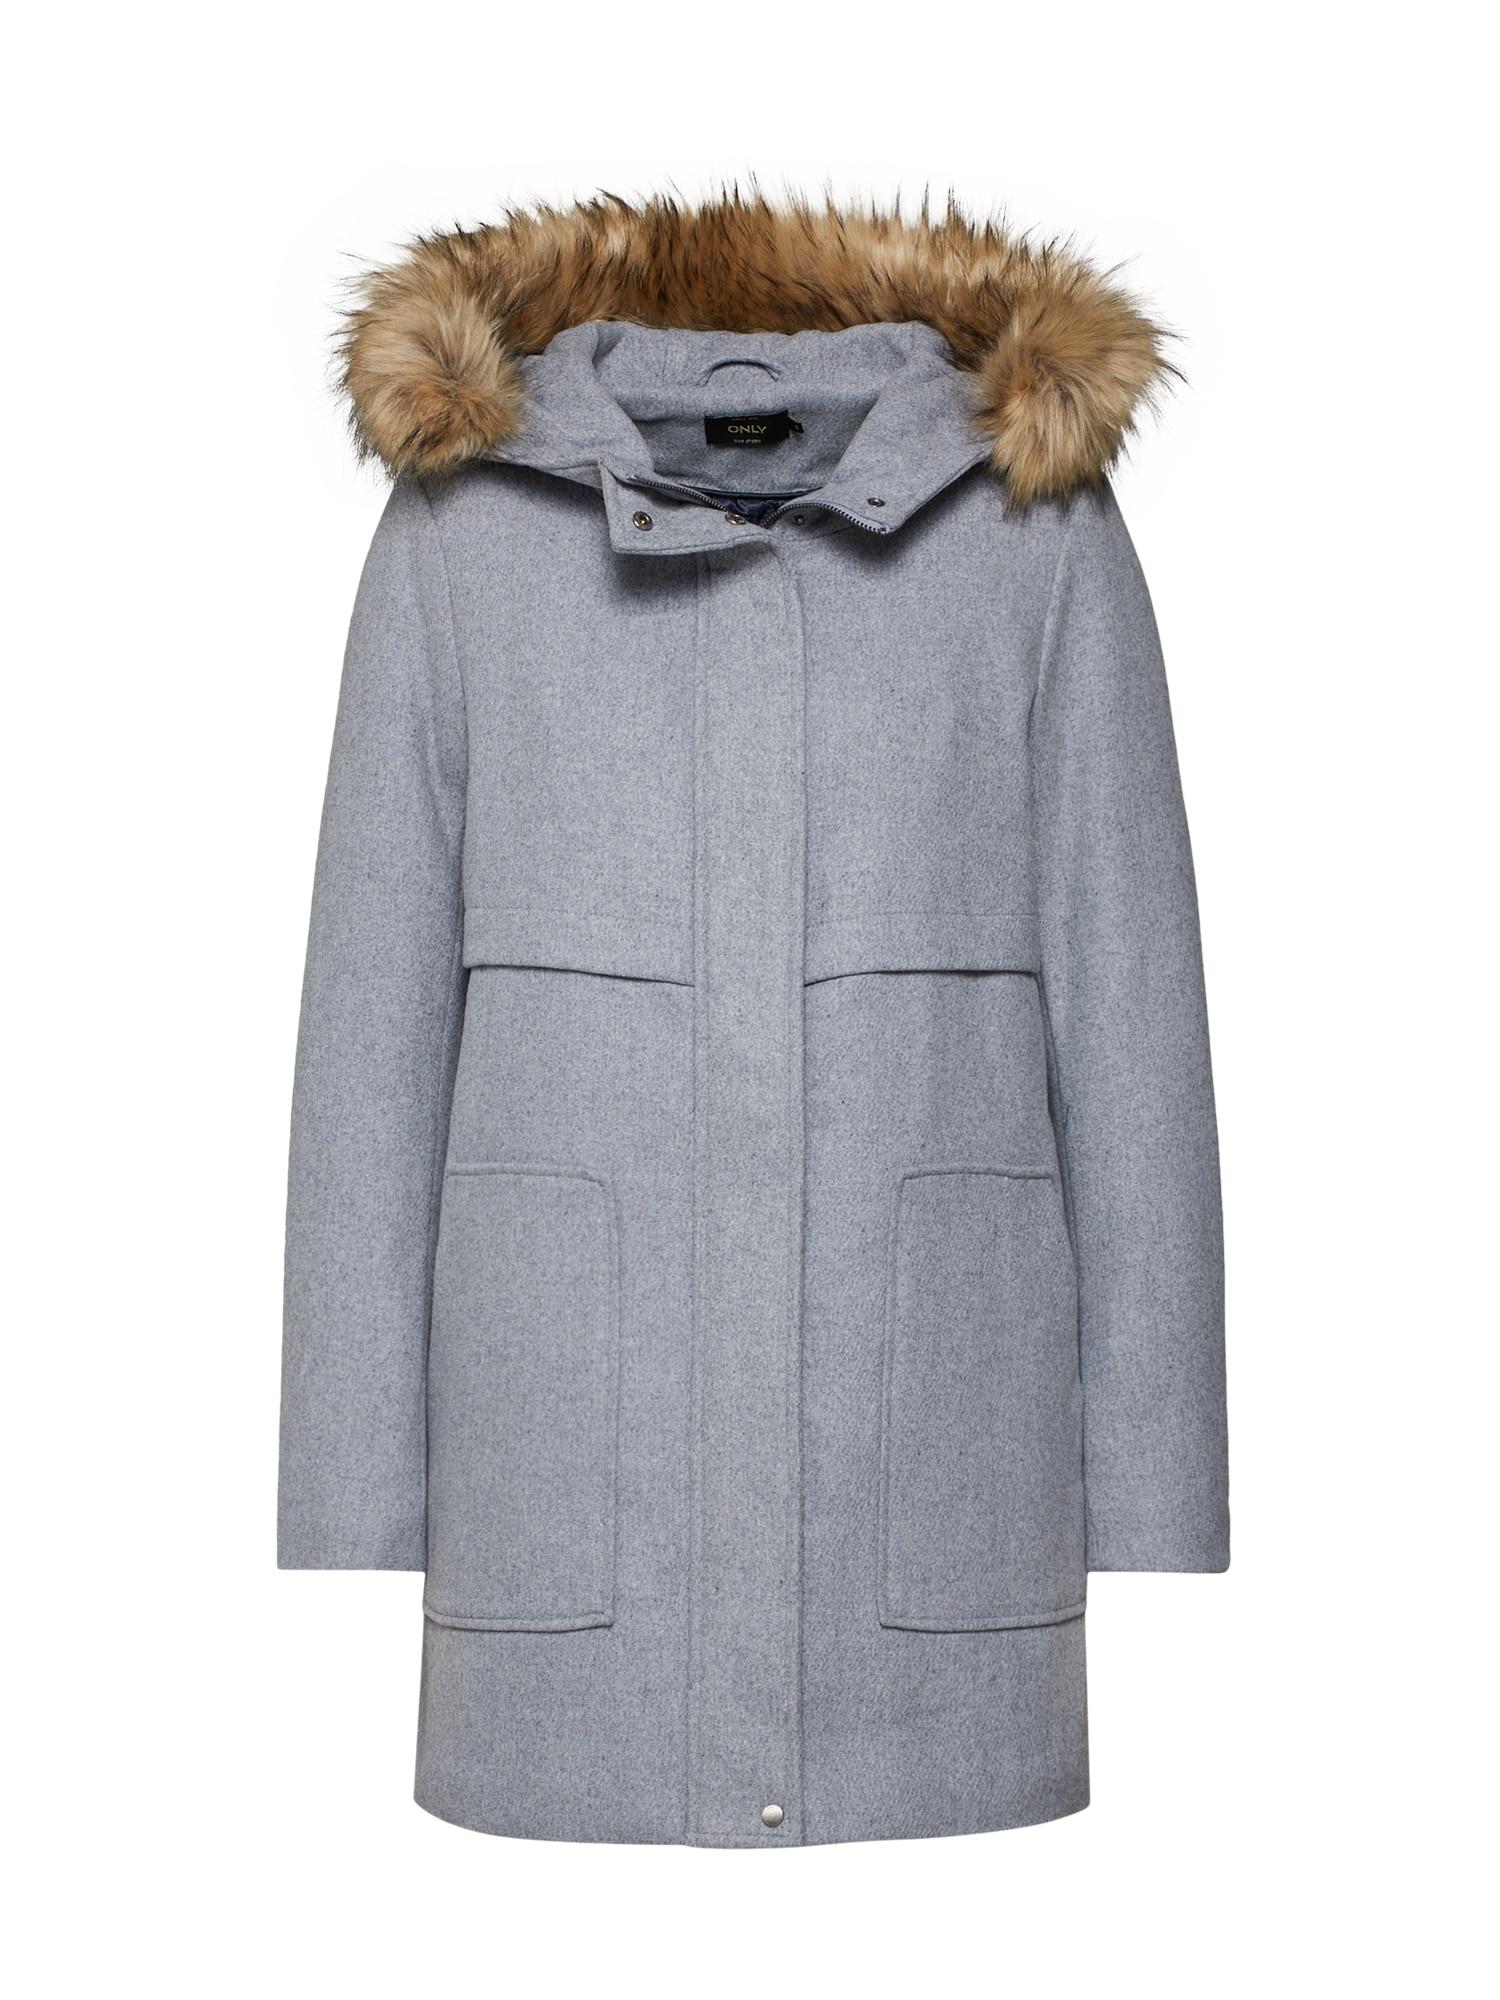 Zimní kabát onlNOAH světle šedá ONLY